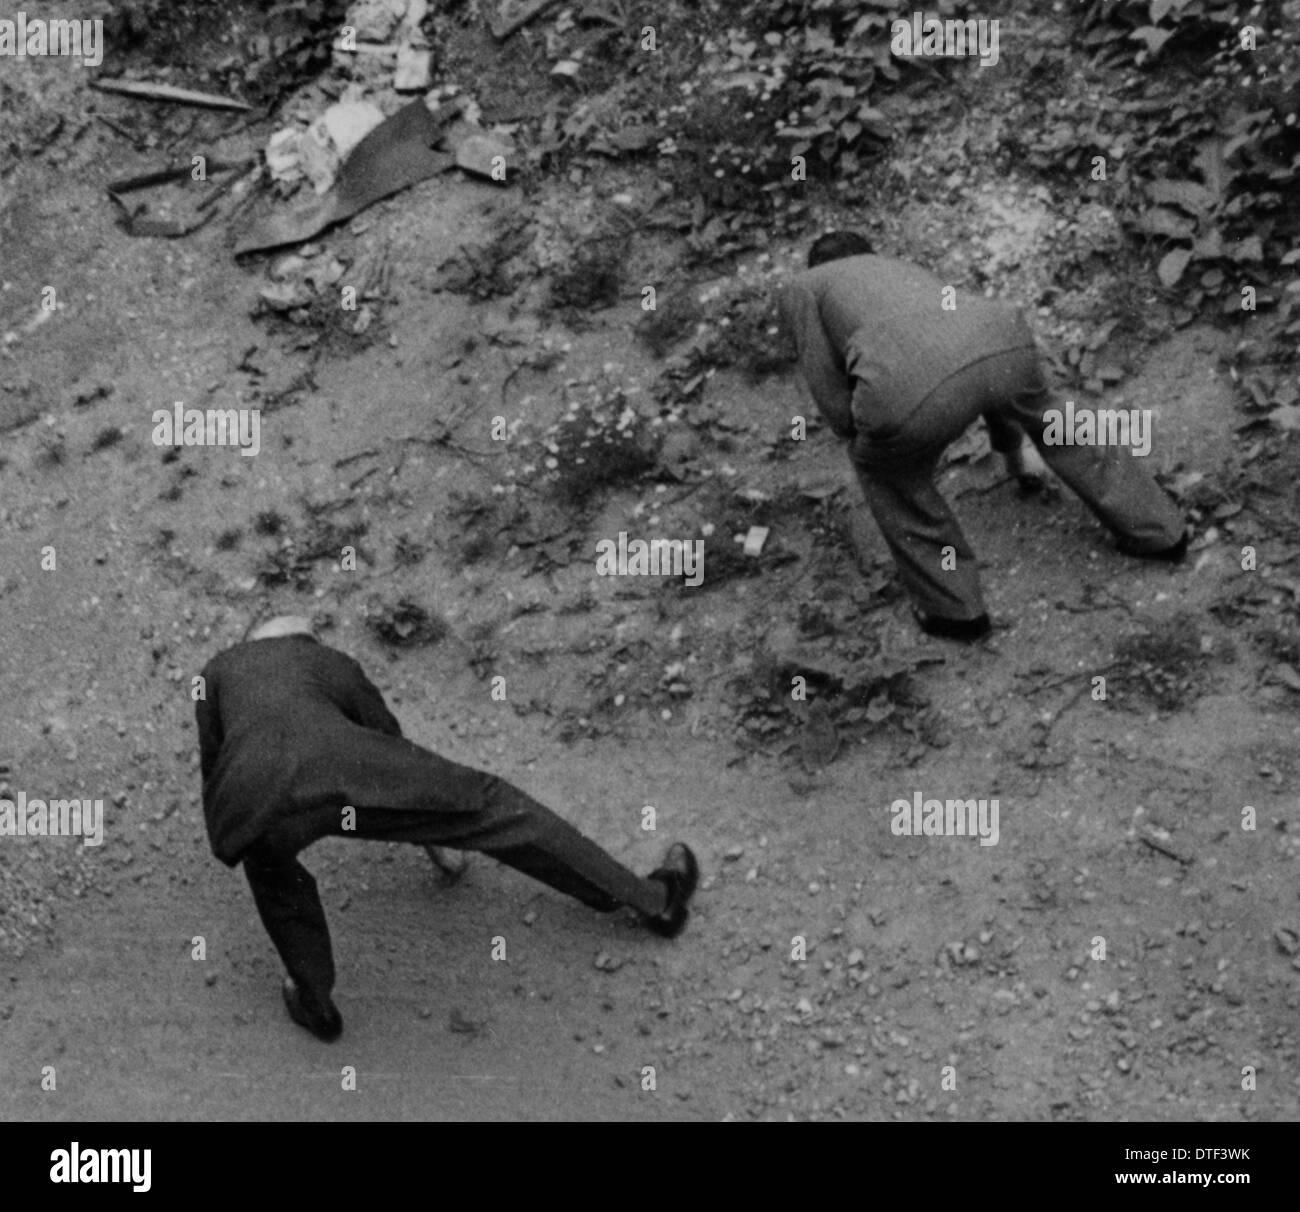 Gli uomini alla ricerca di schegge, 1940 Immagini Stock